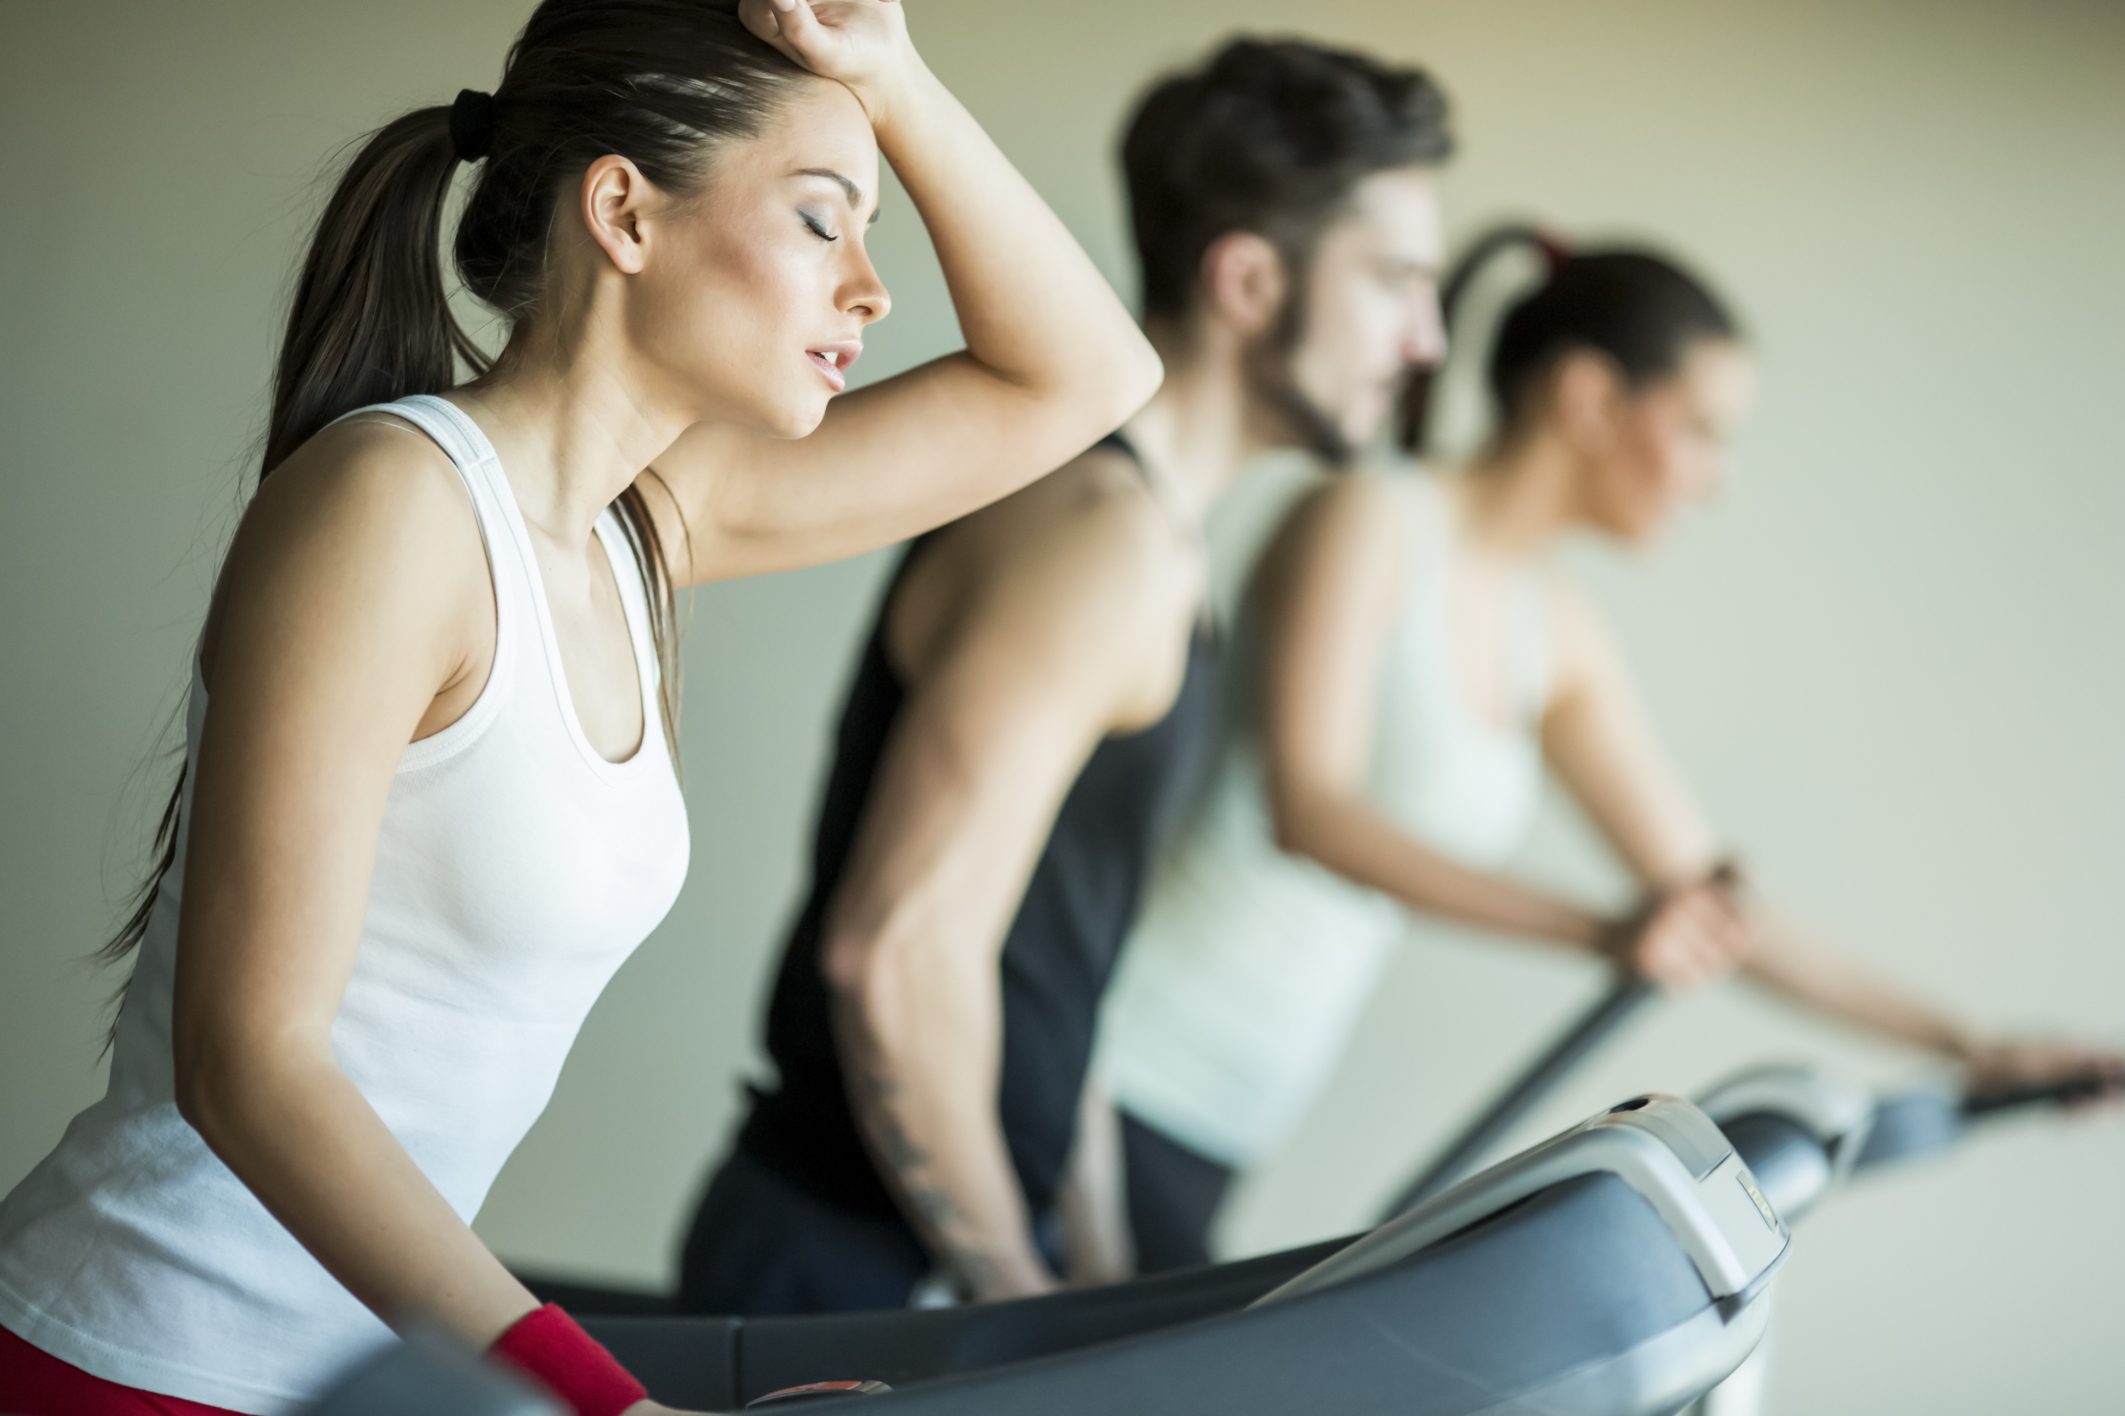 horizon omega 2 treadmill manual